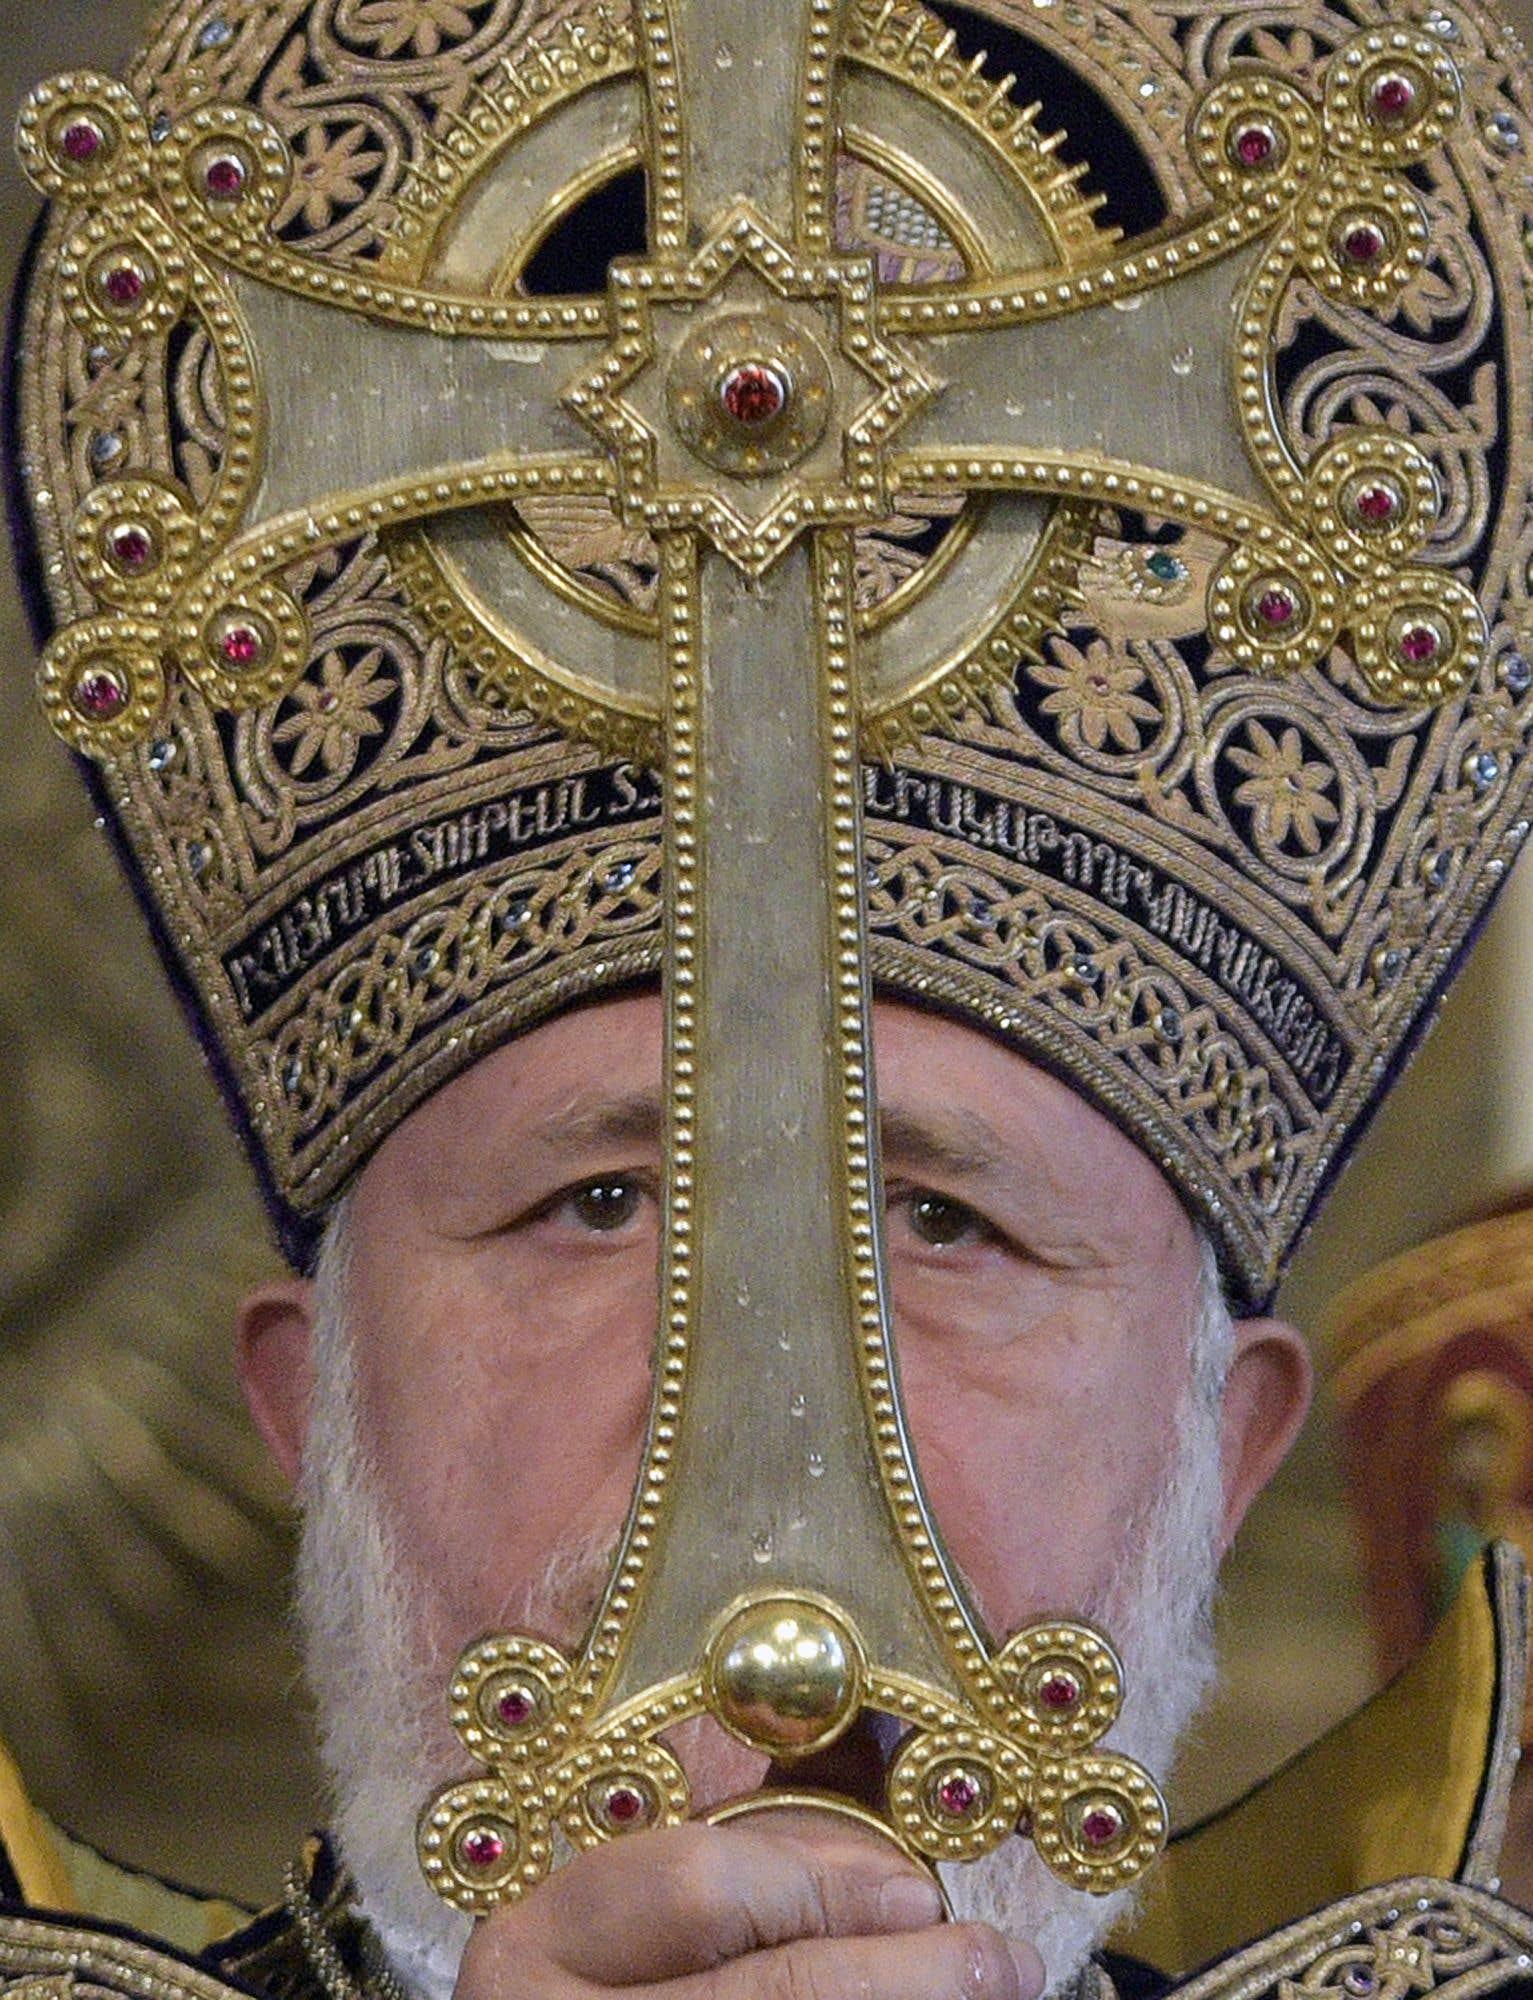 Karekine II, le Catholicos de tous les Arméniens, le plus haut patriarche de l'Église apostolique arménienne,célèbre une messe à la veille du Noël orthodoxe.